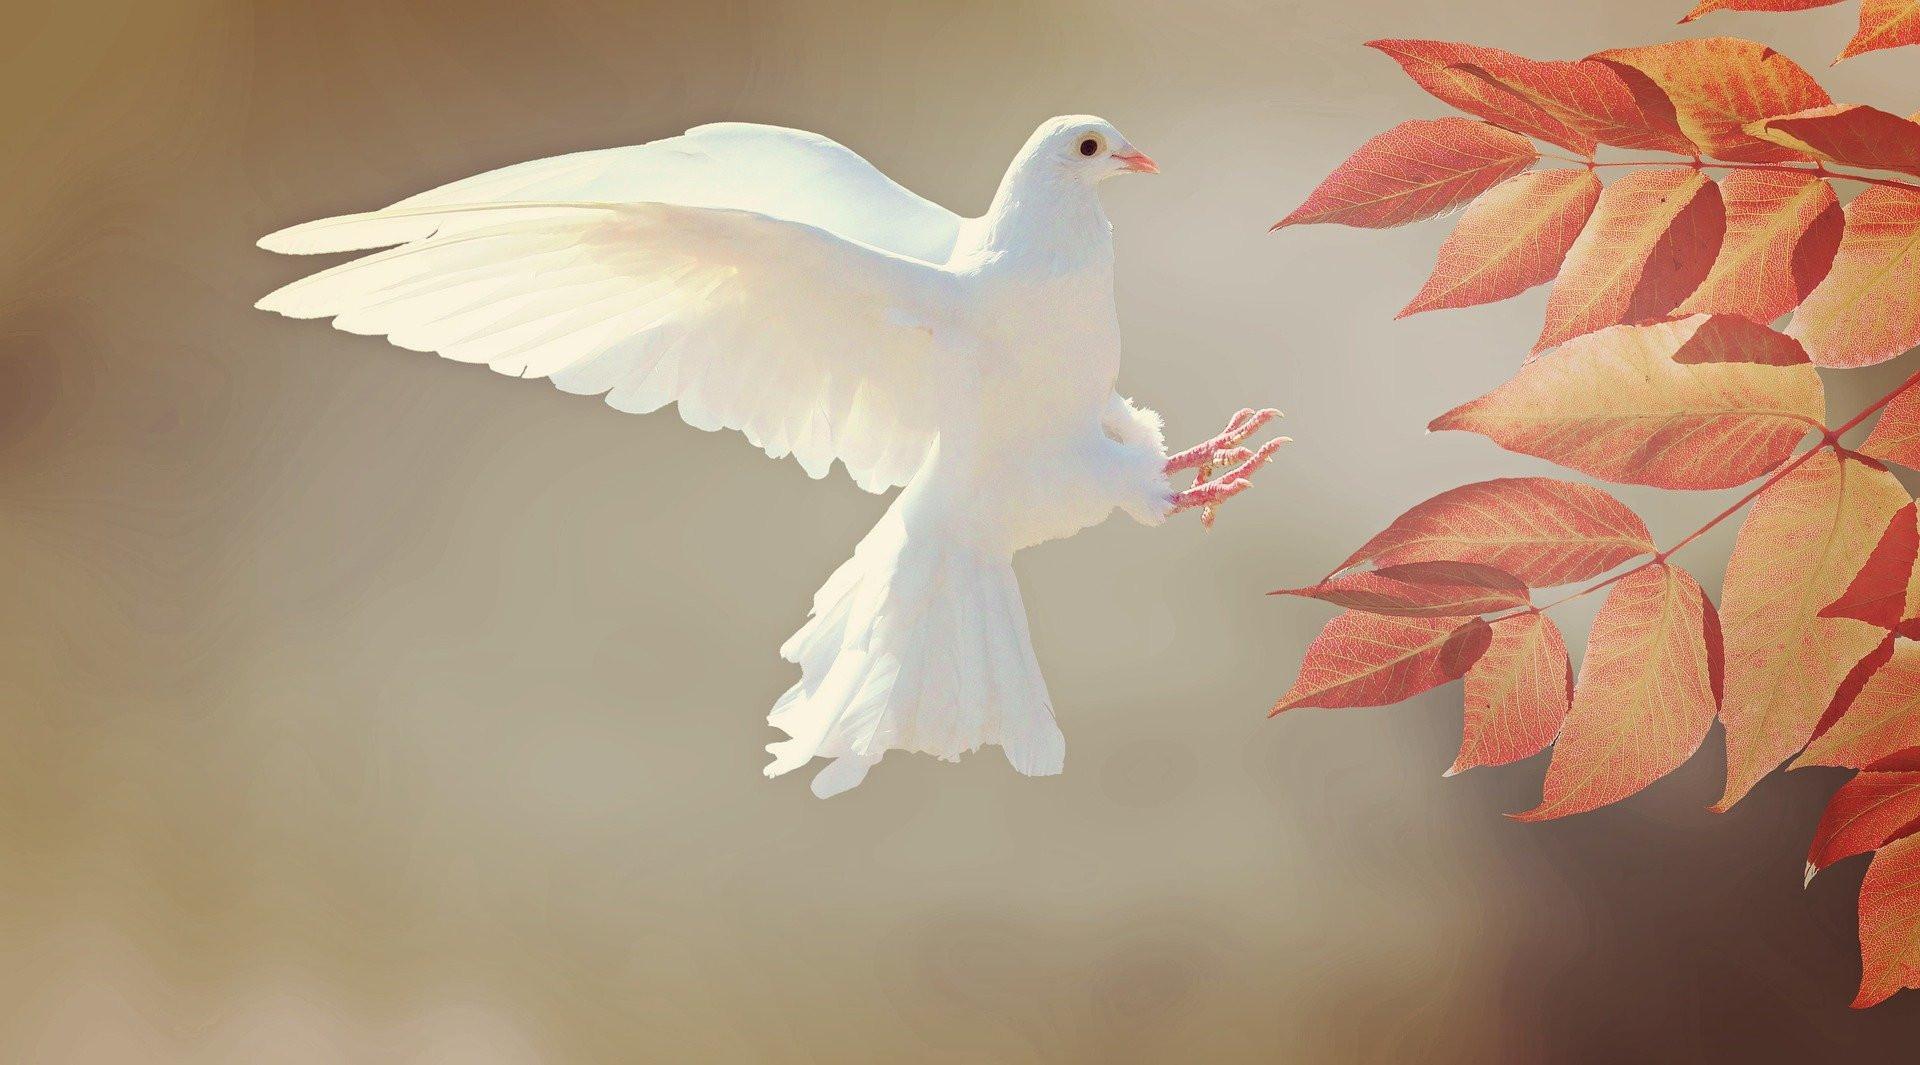 dove-2516641_1920